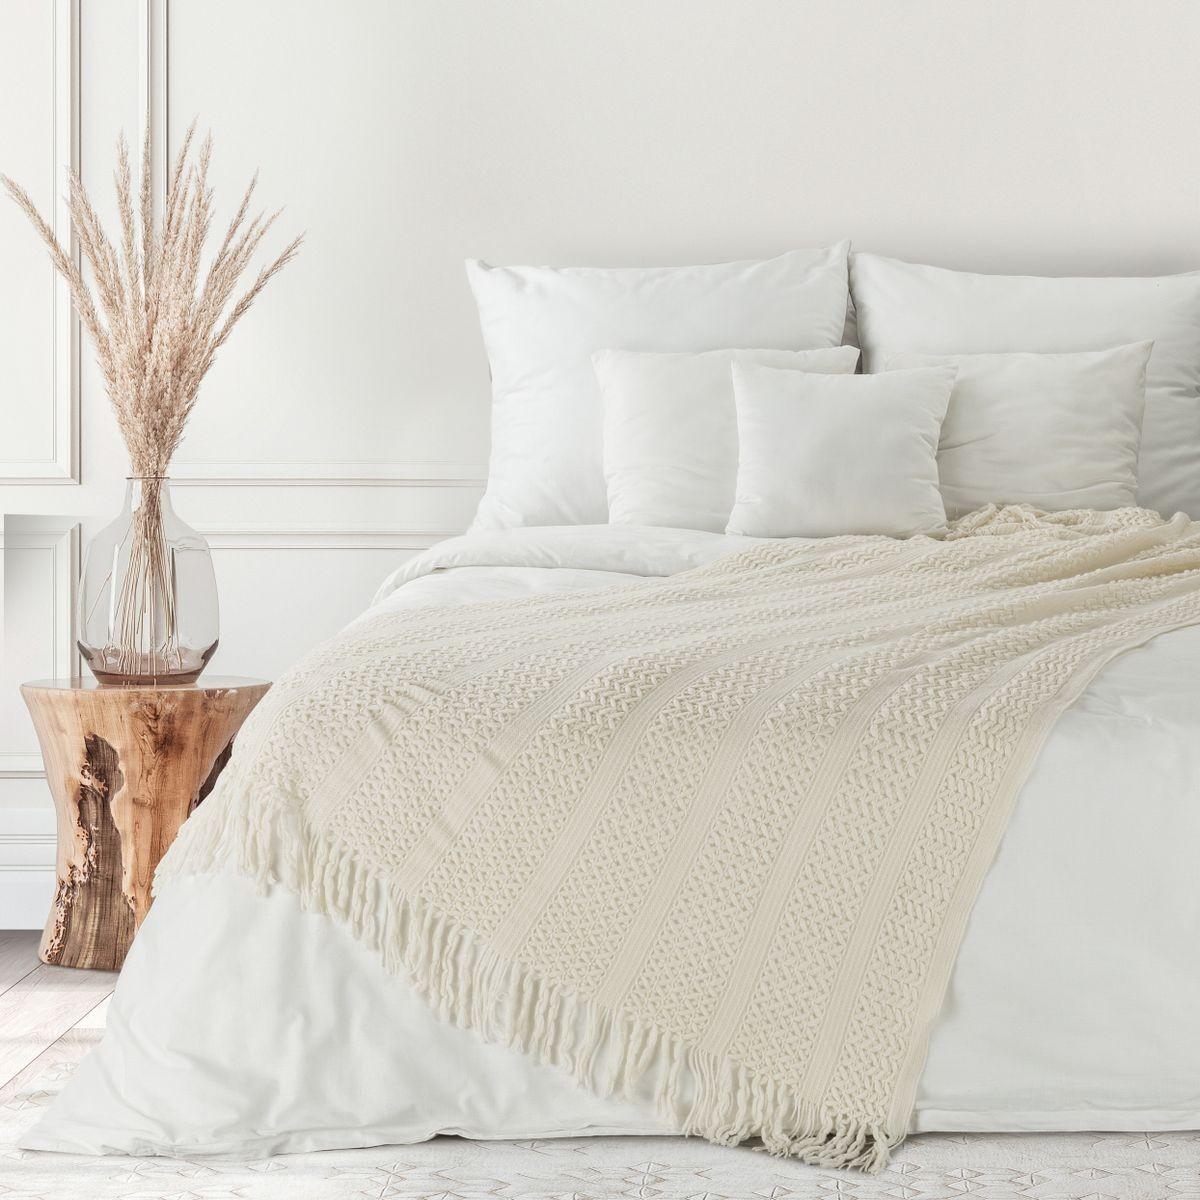 Kvalitná krémová akrylová deka s pleteným vzorom 130 x 170 cm Šírka: 130 cm   Dĺžka: 170 cm